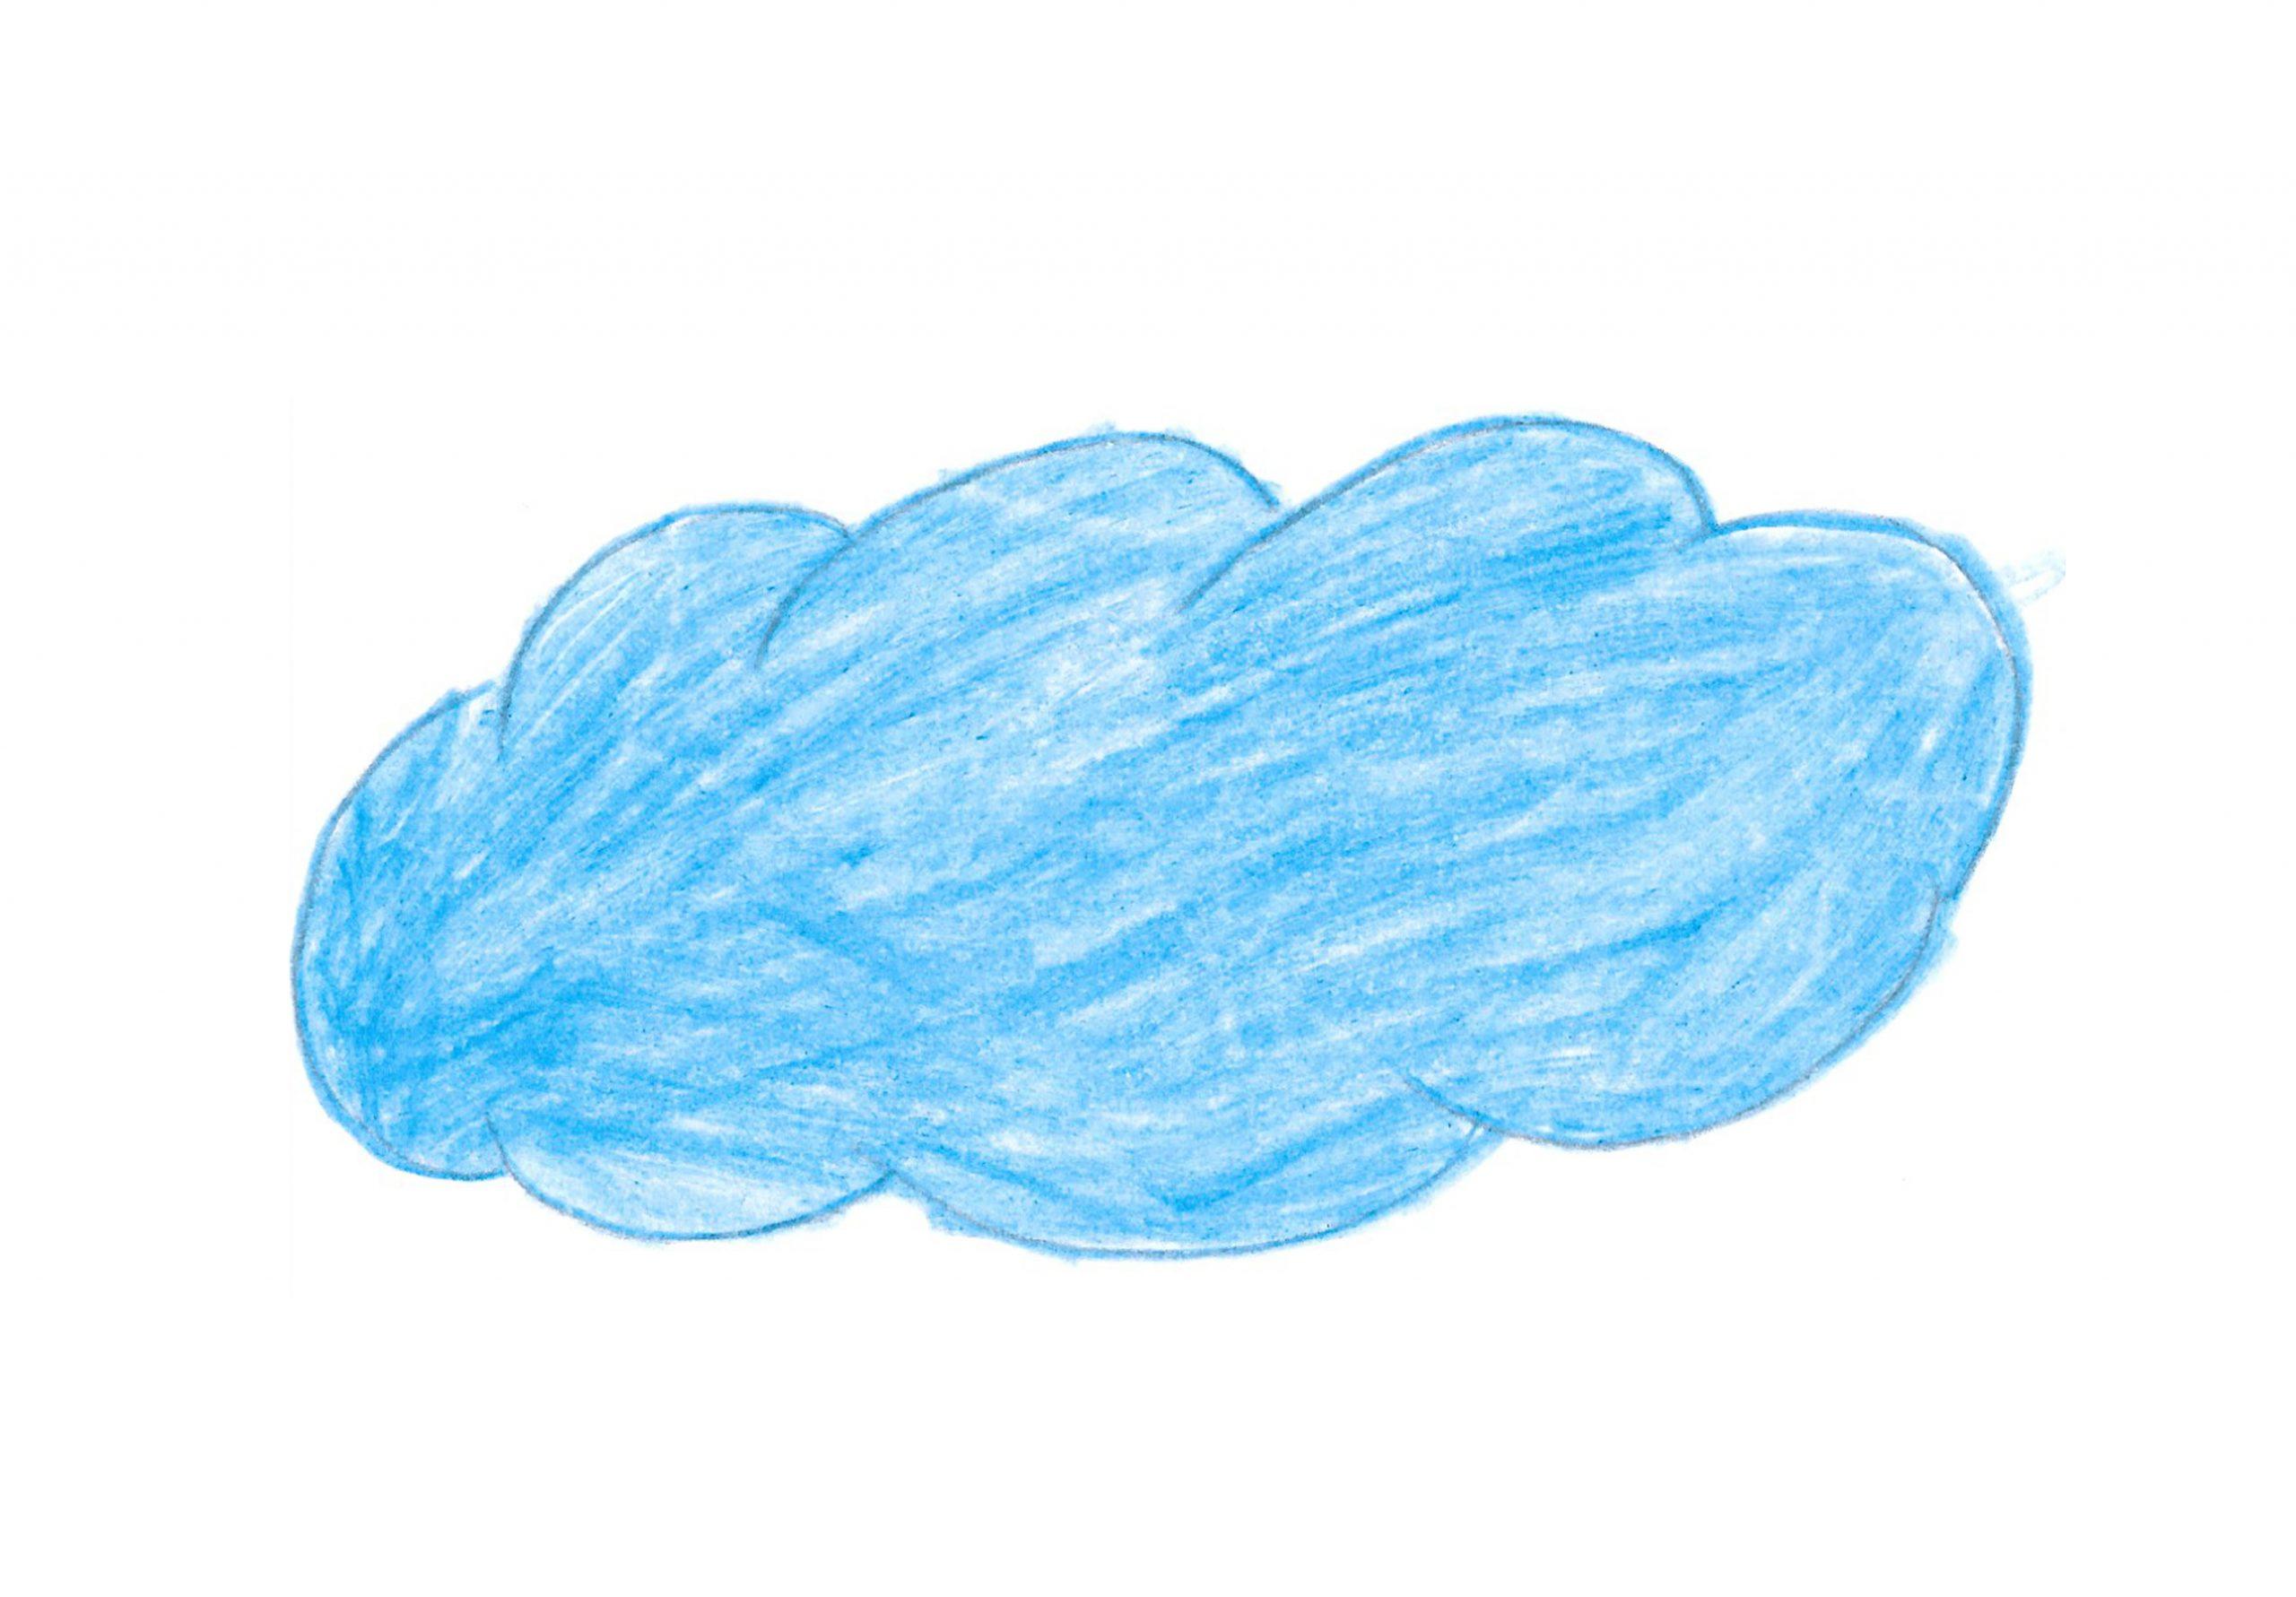 Ara'i — The Cloud